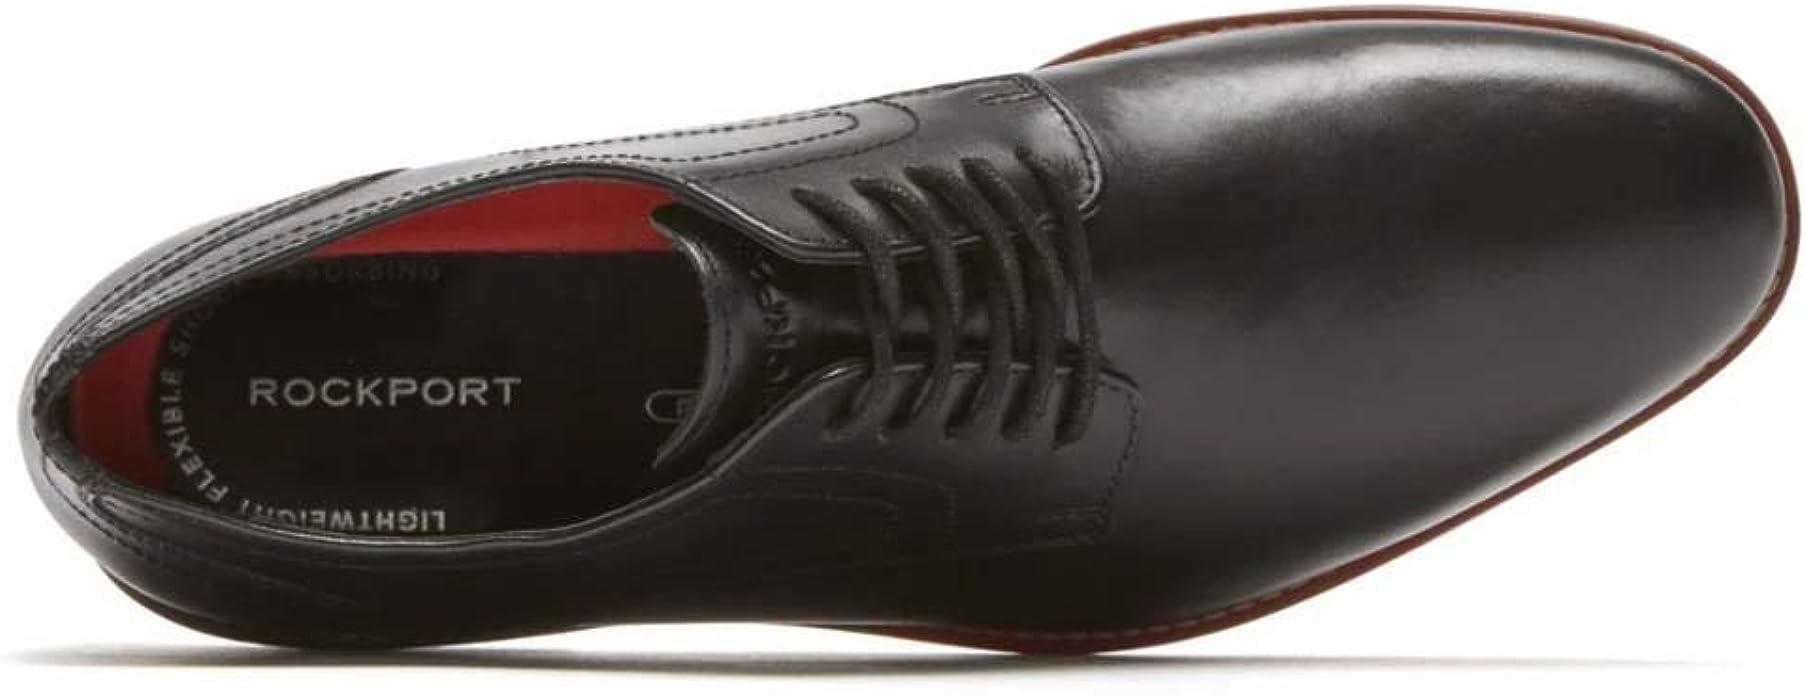 Rockport Mens Symon Oxford Black Oxford 8 W Fashion Shoes ...